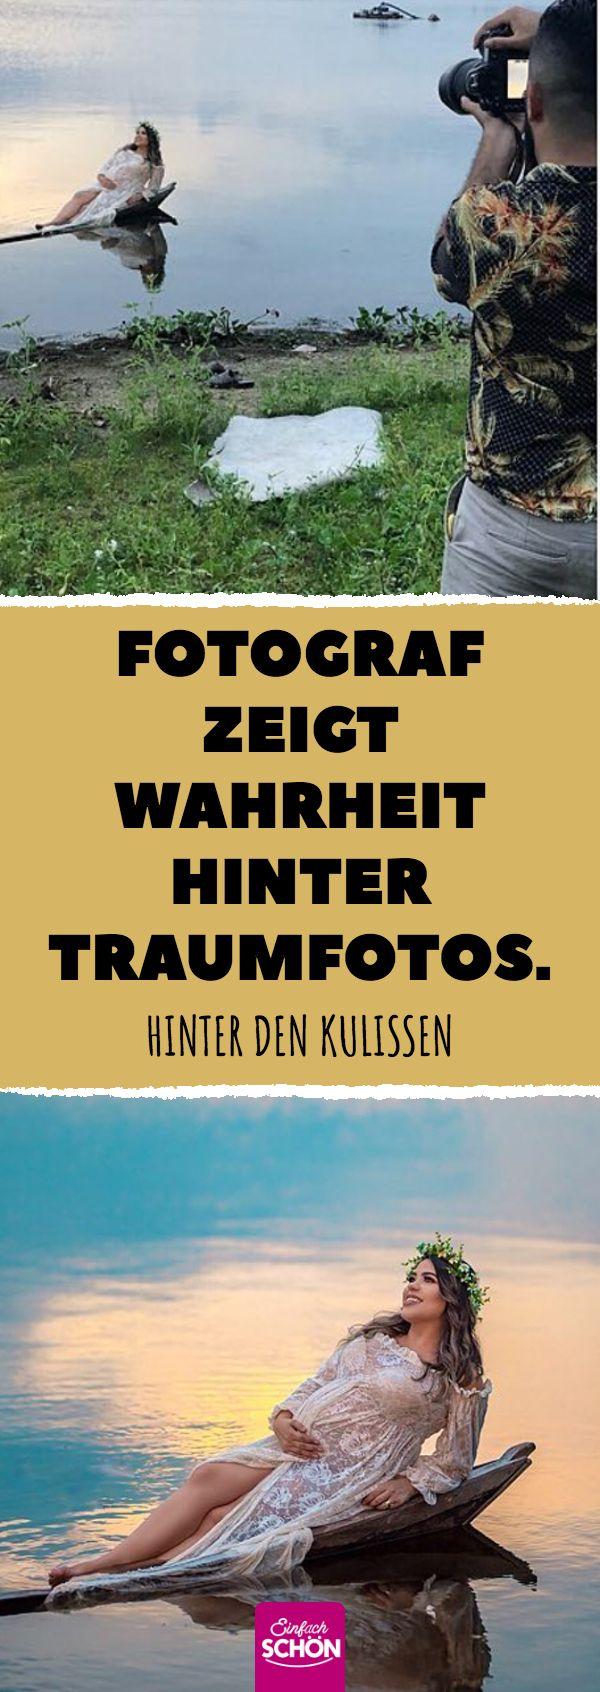 Fotograf zeigt Wahrheit hinter Traumfotos. #humor #fotograf #fotografie